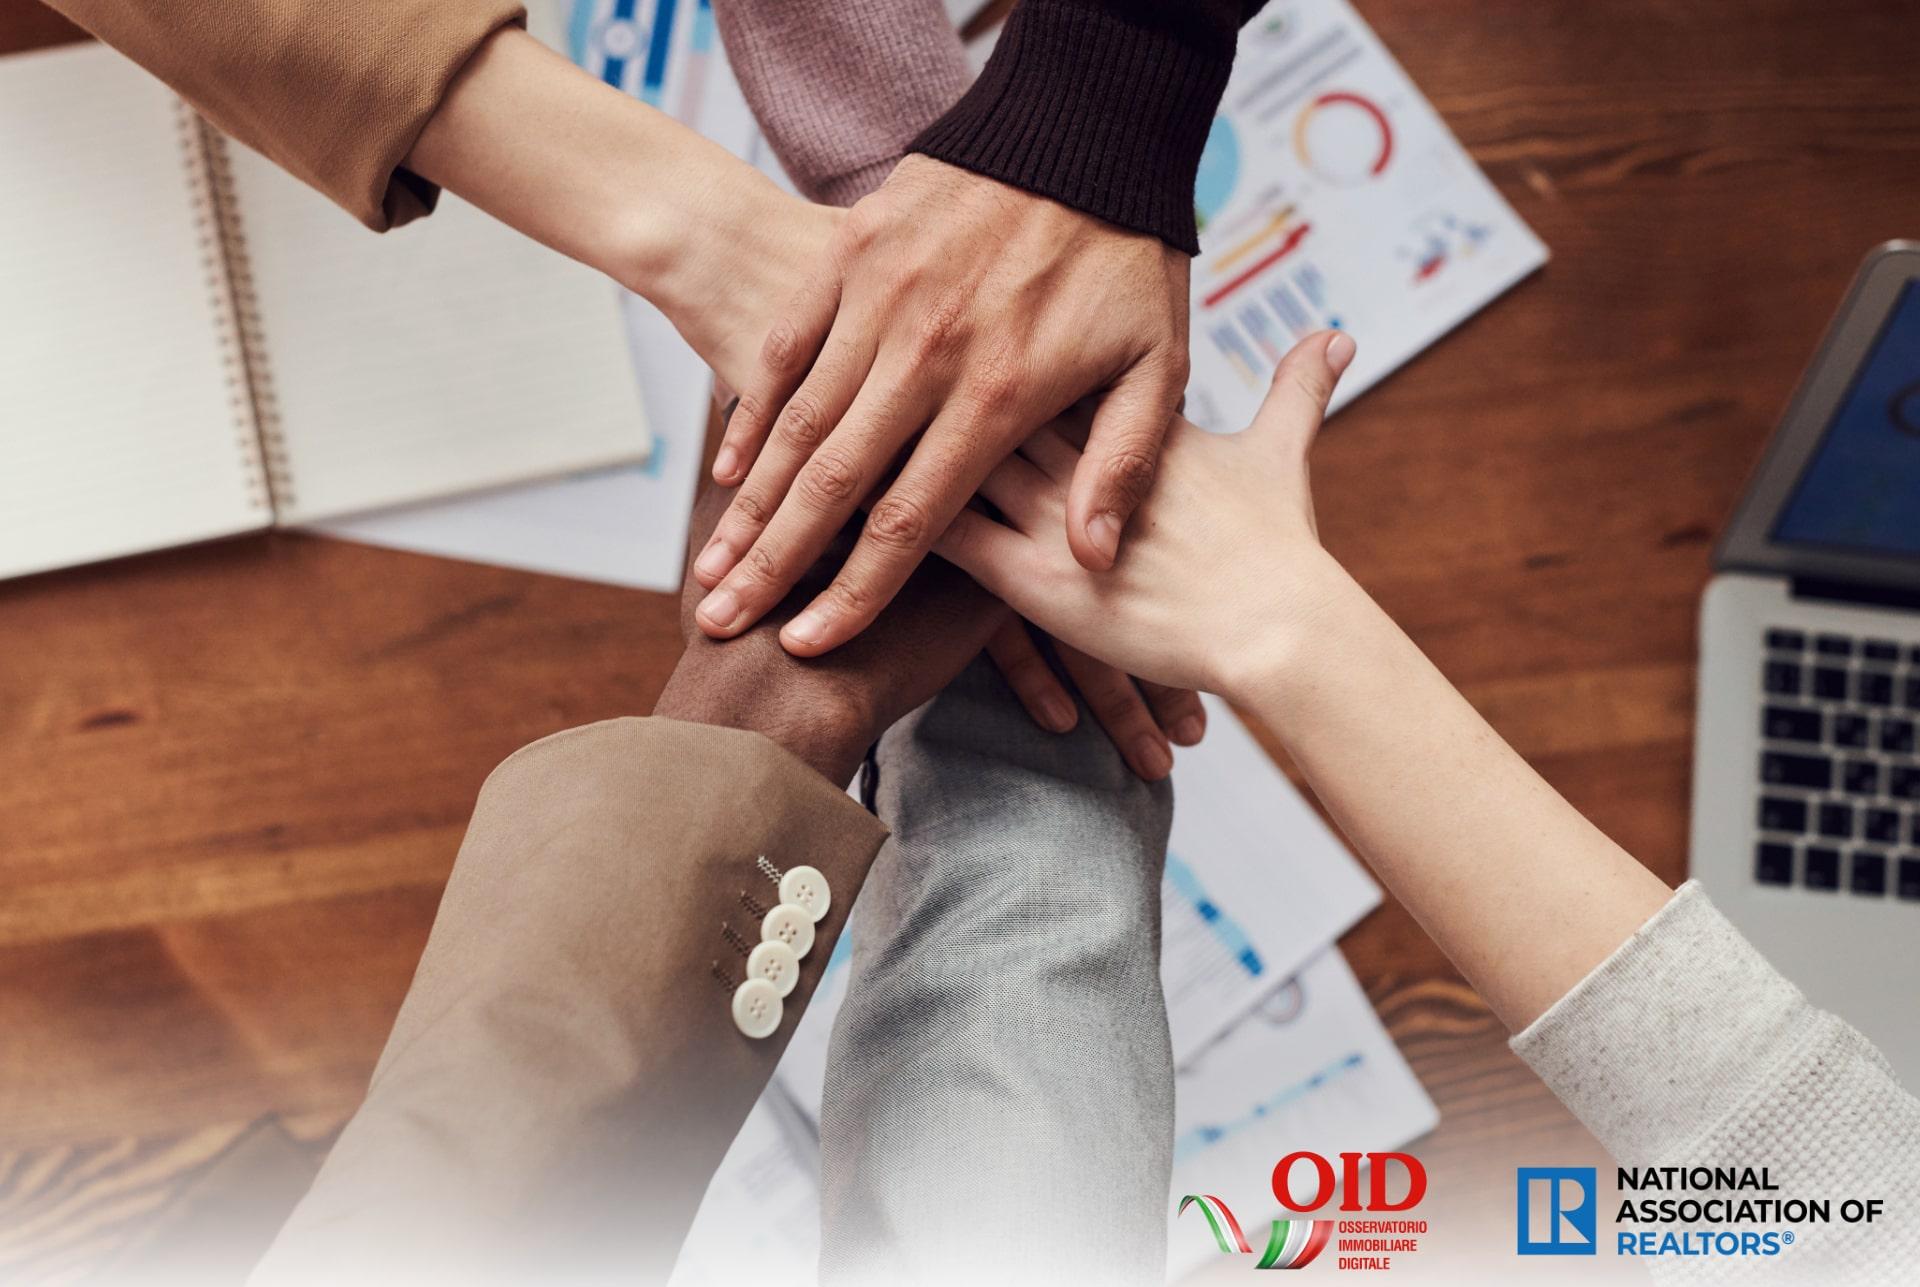 Corsi per collaboratori OID-NAR